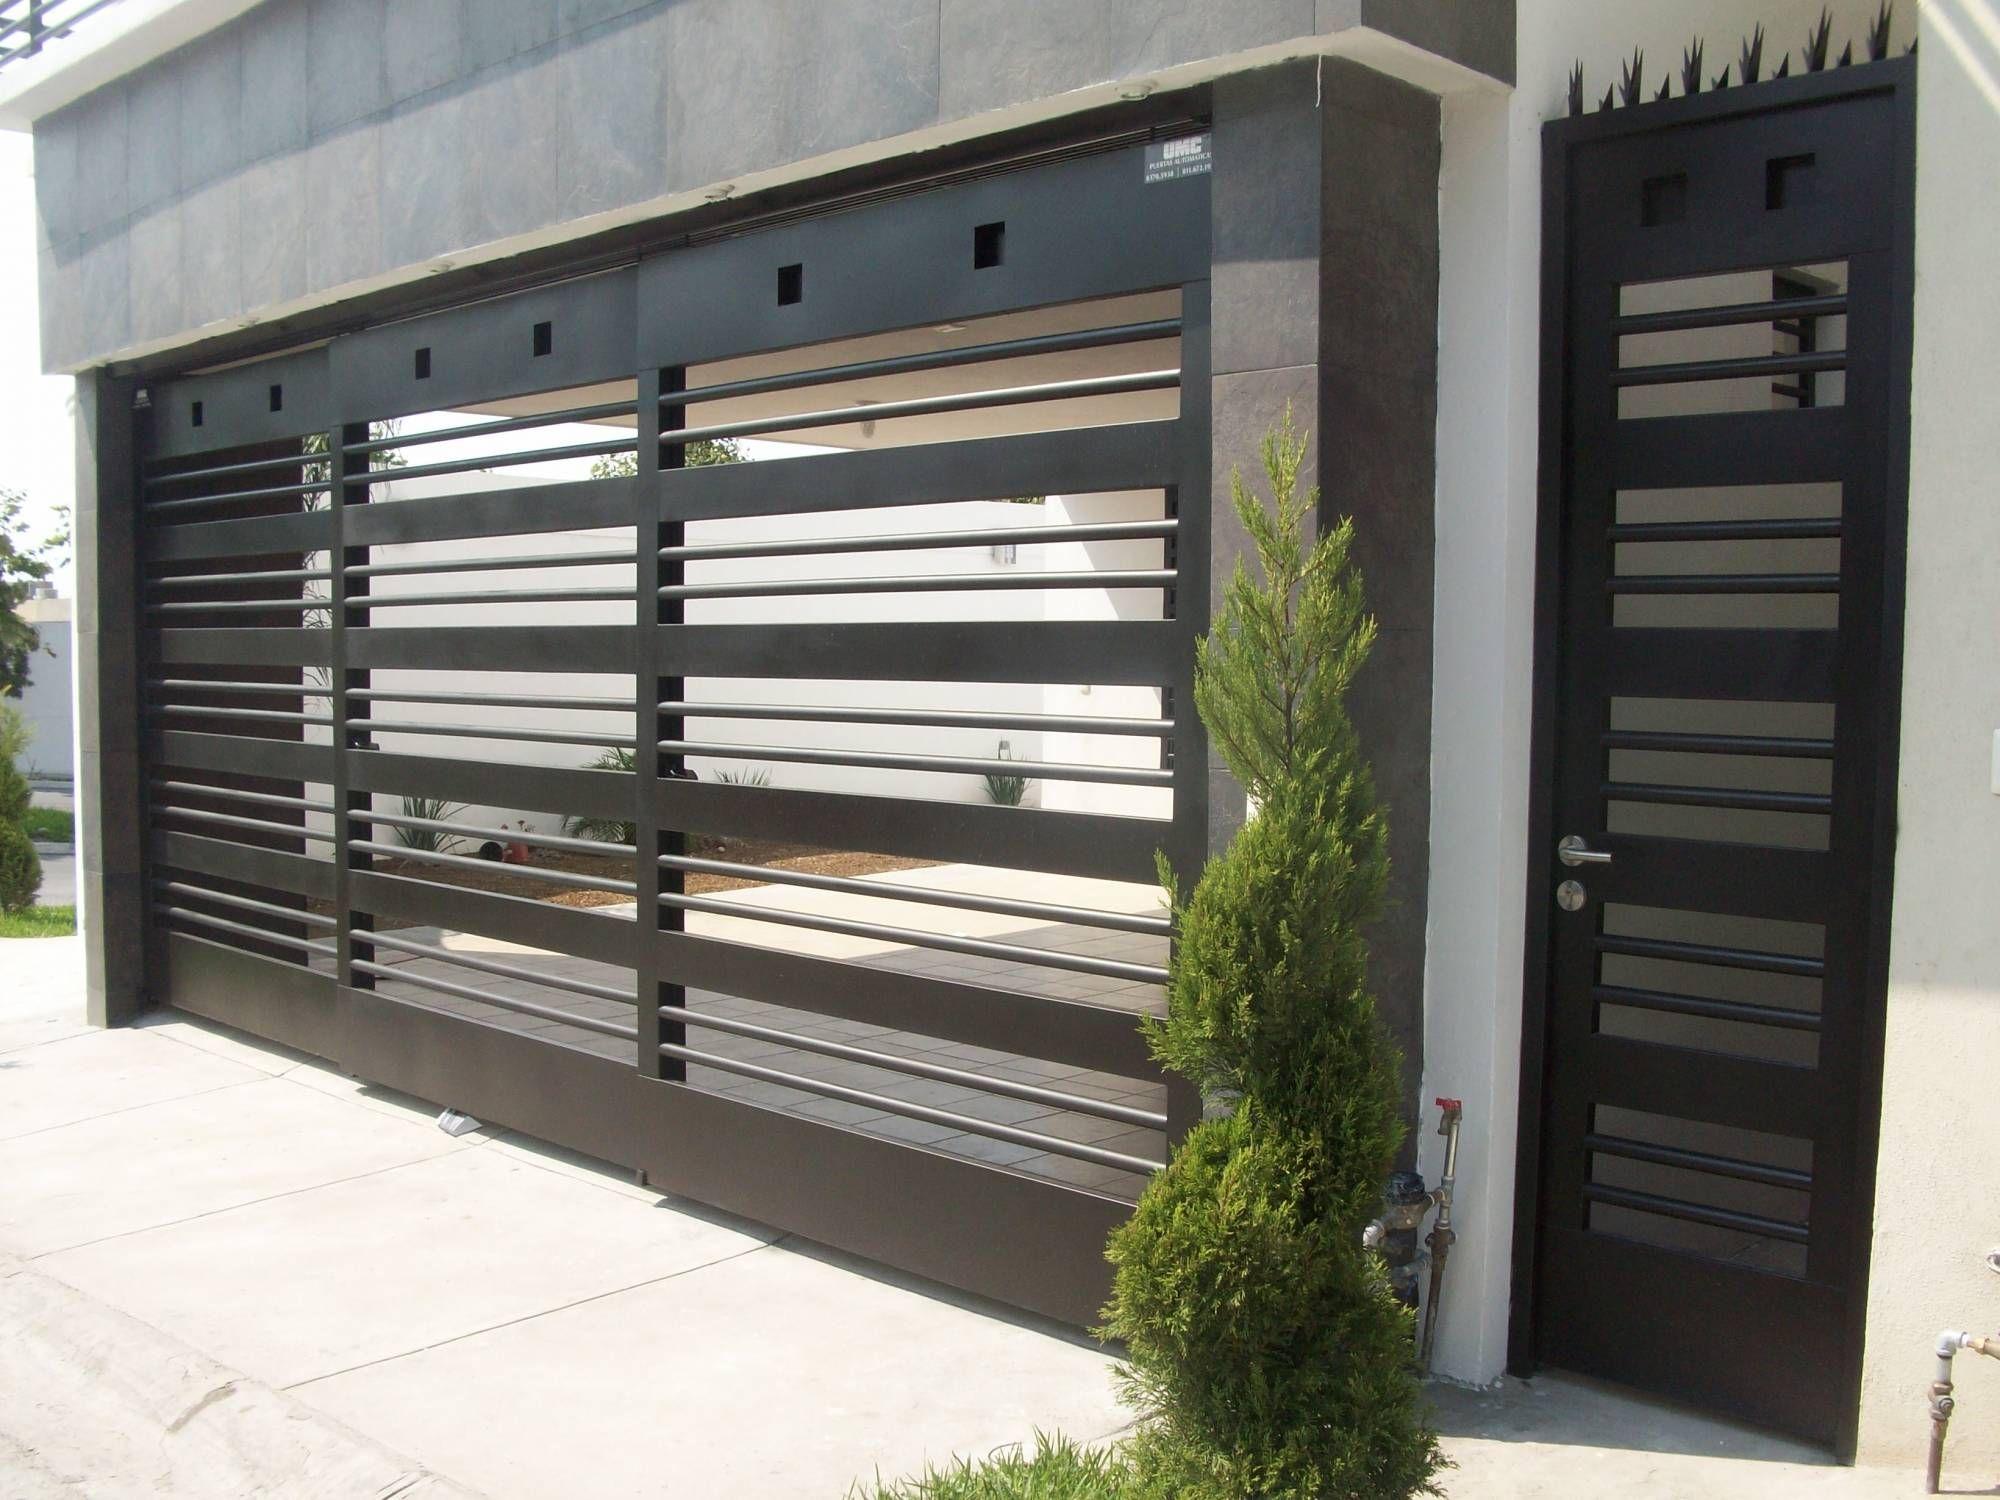 Puertas de herreria buscar con google outdoor pinterest for Puertas de herreria para casa